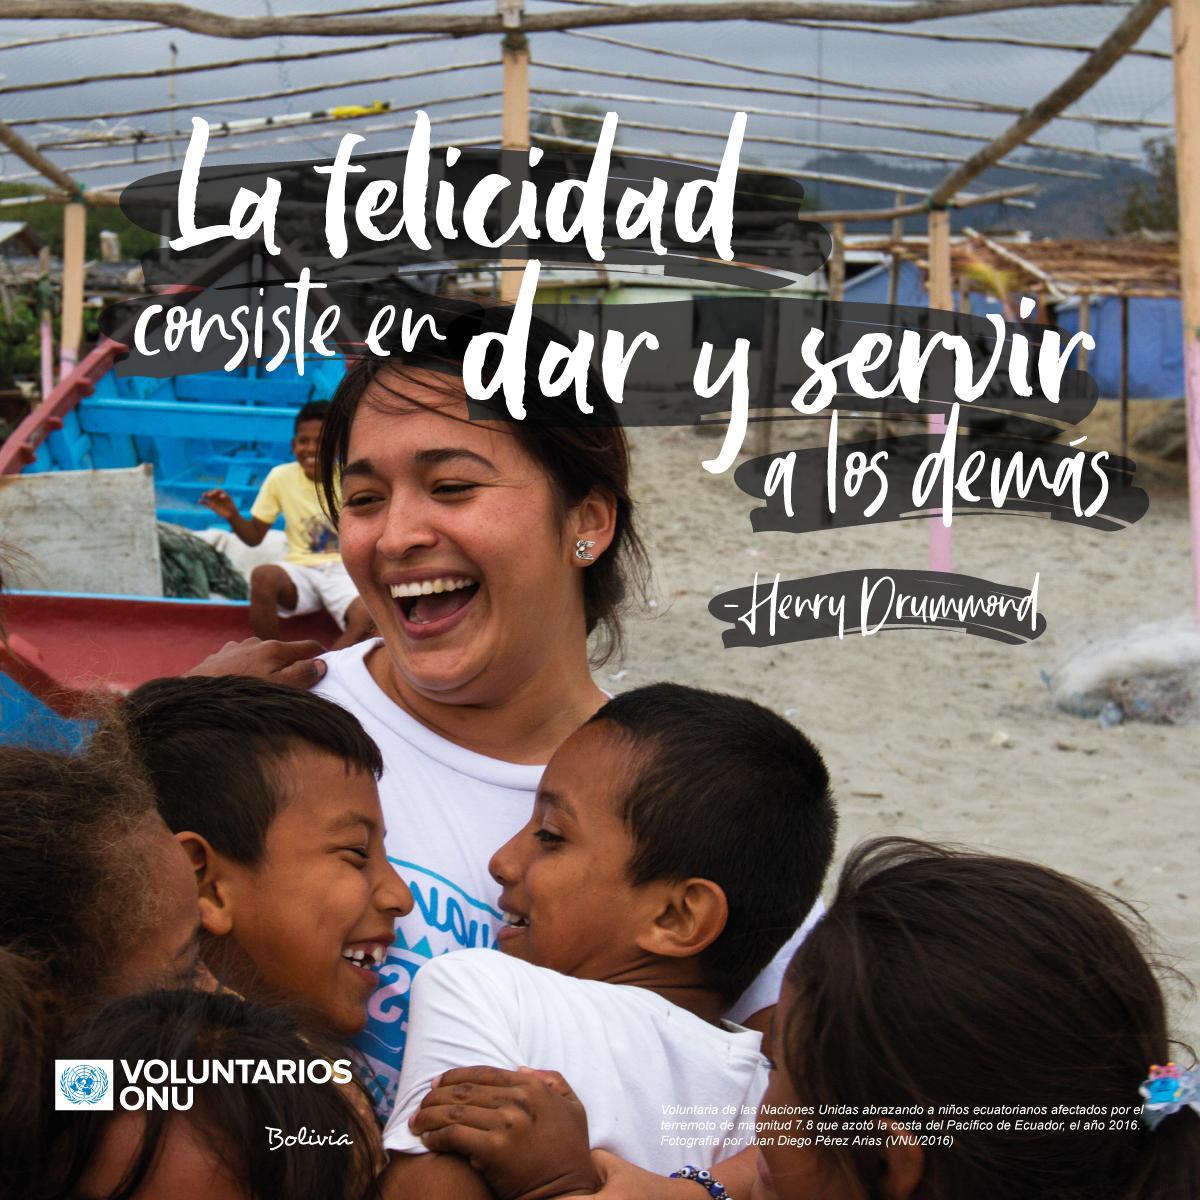 VNU Bolivia's photo on #MotivationMonday